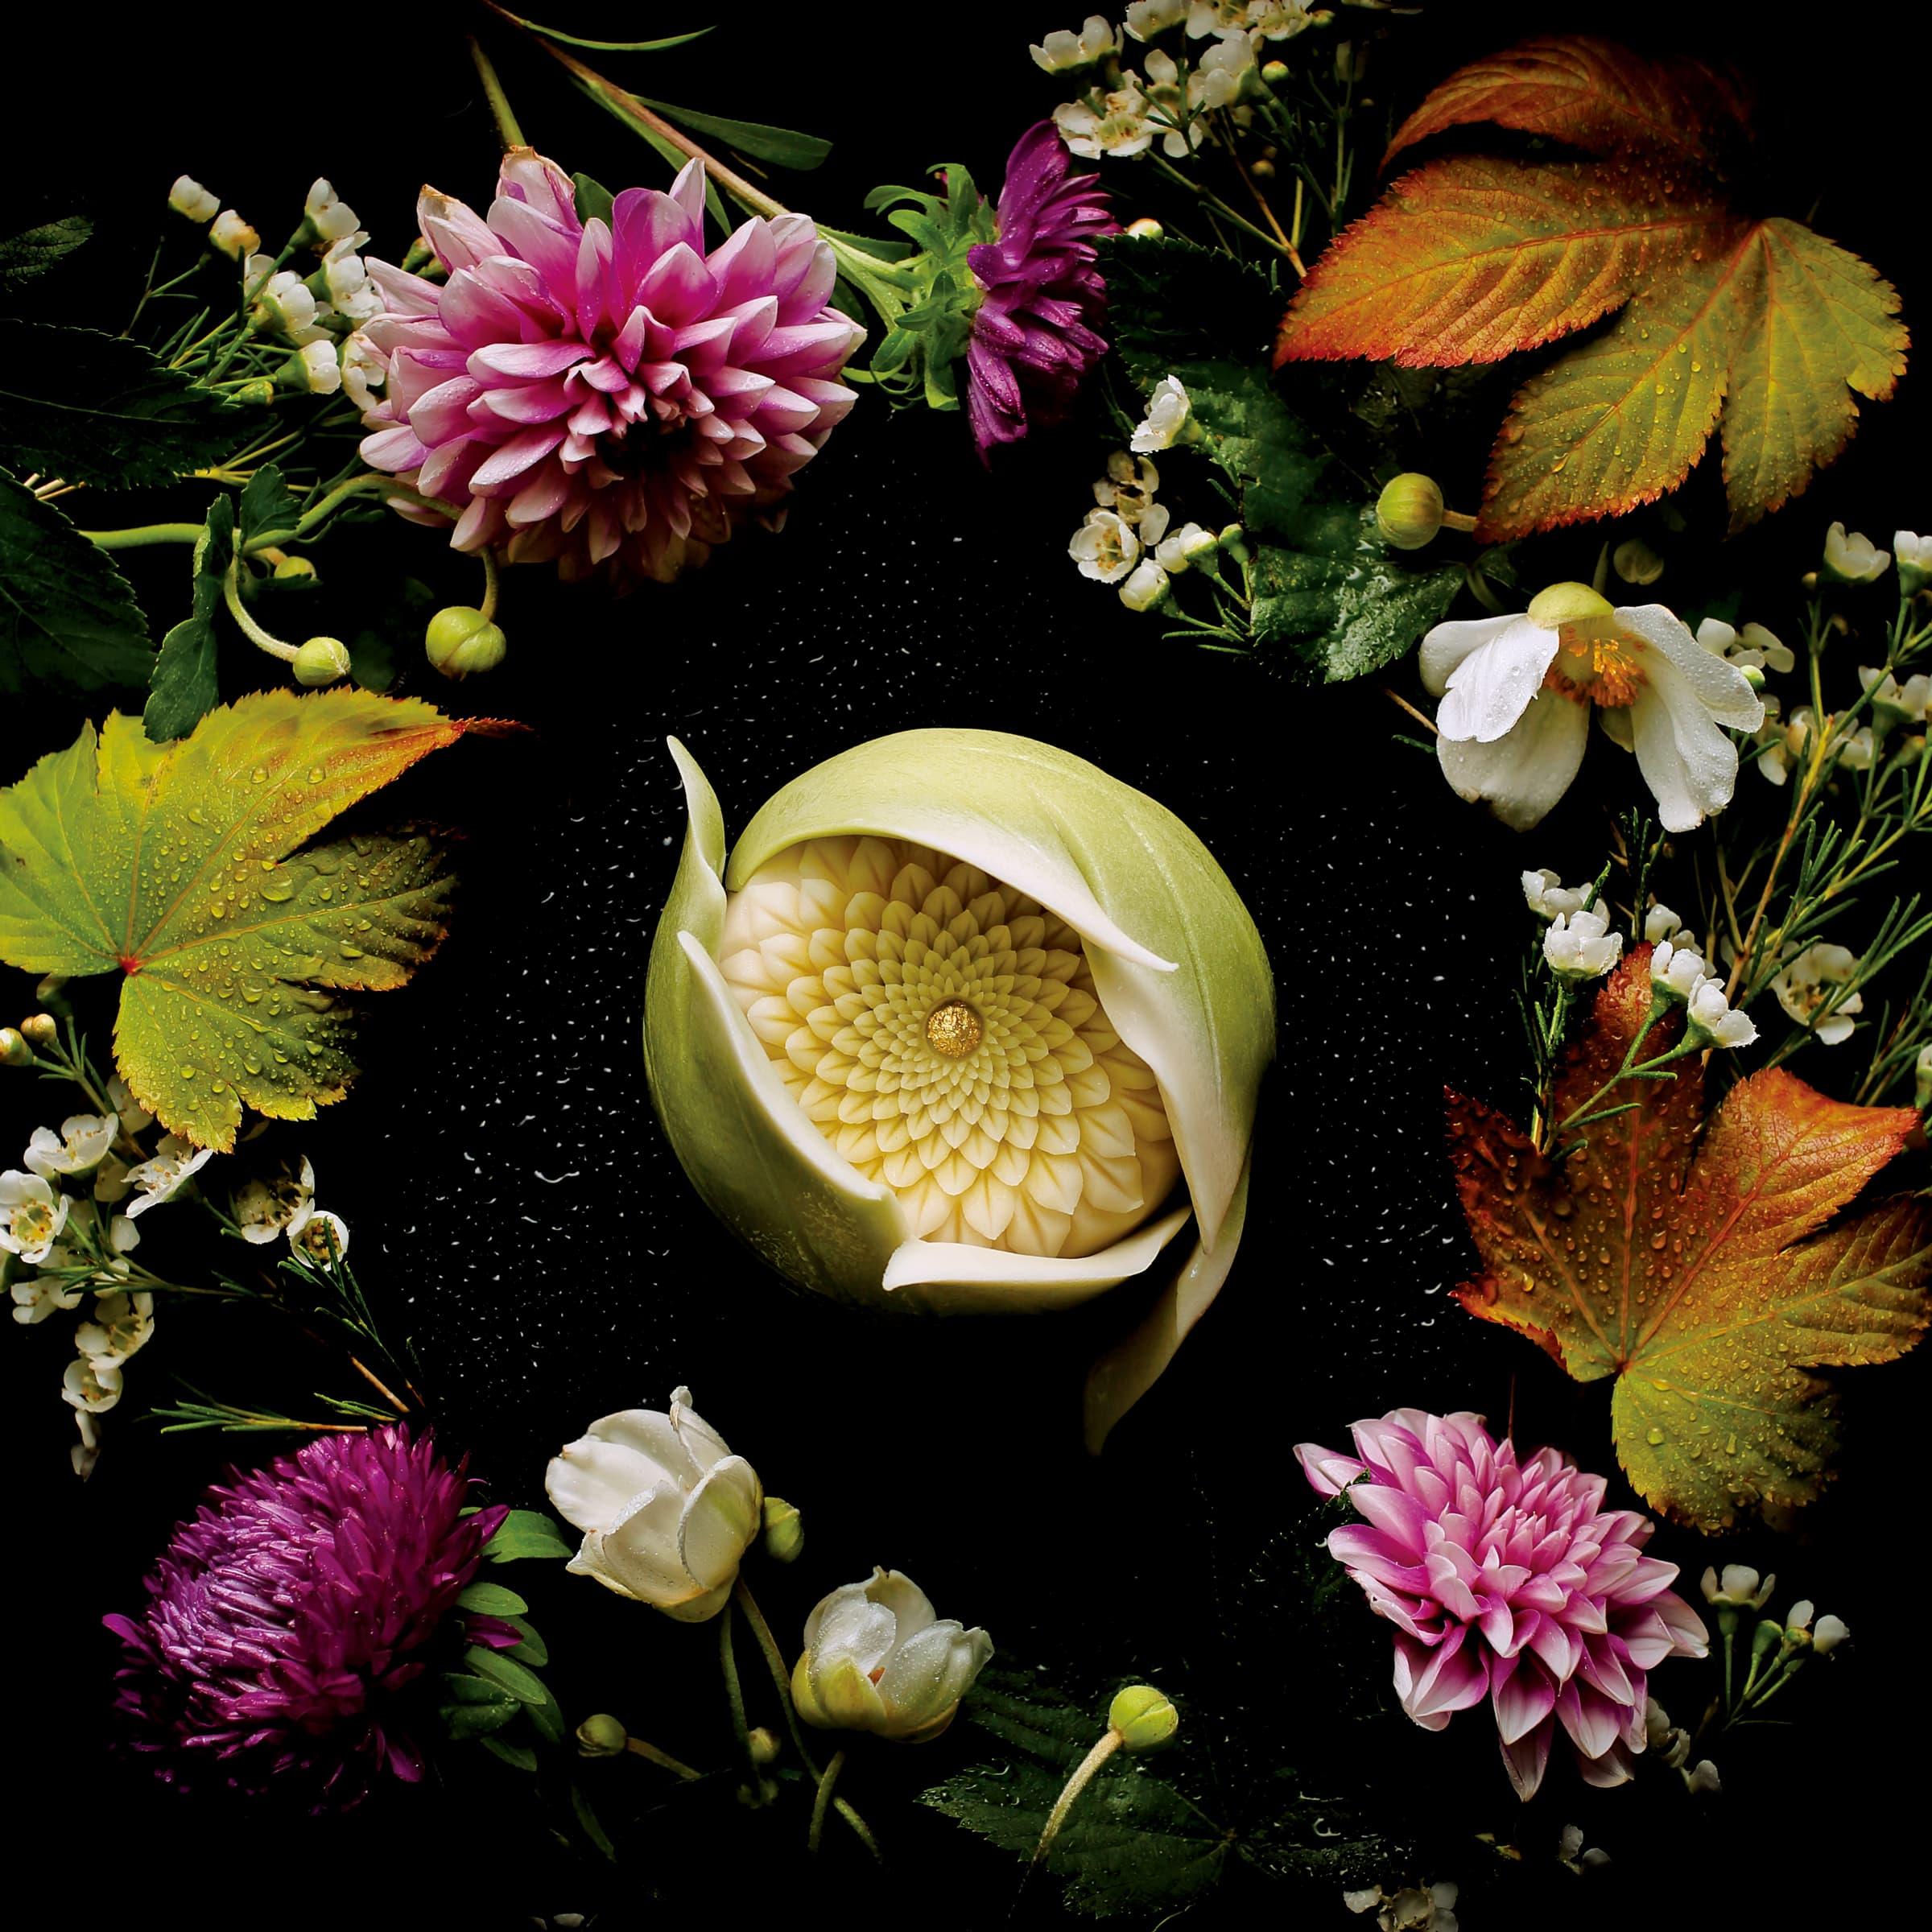 菓銘「葉隱菊(Peeping Chrysanthemum)」。華麗的菓子,名稱讓人聯想到武士精神。